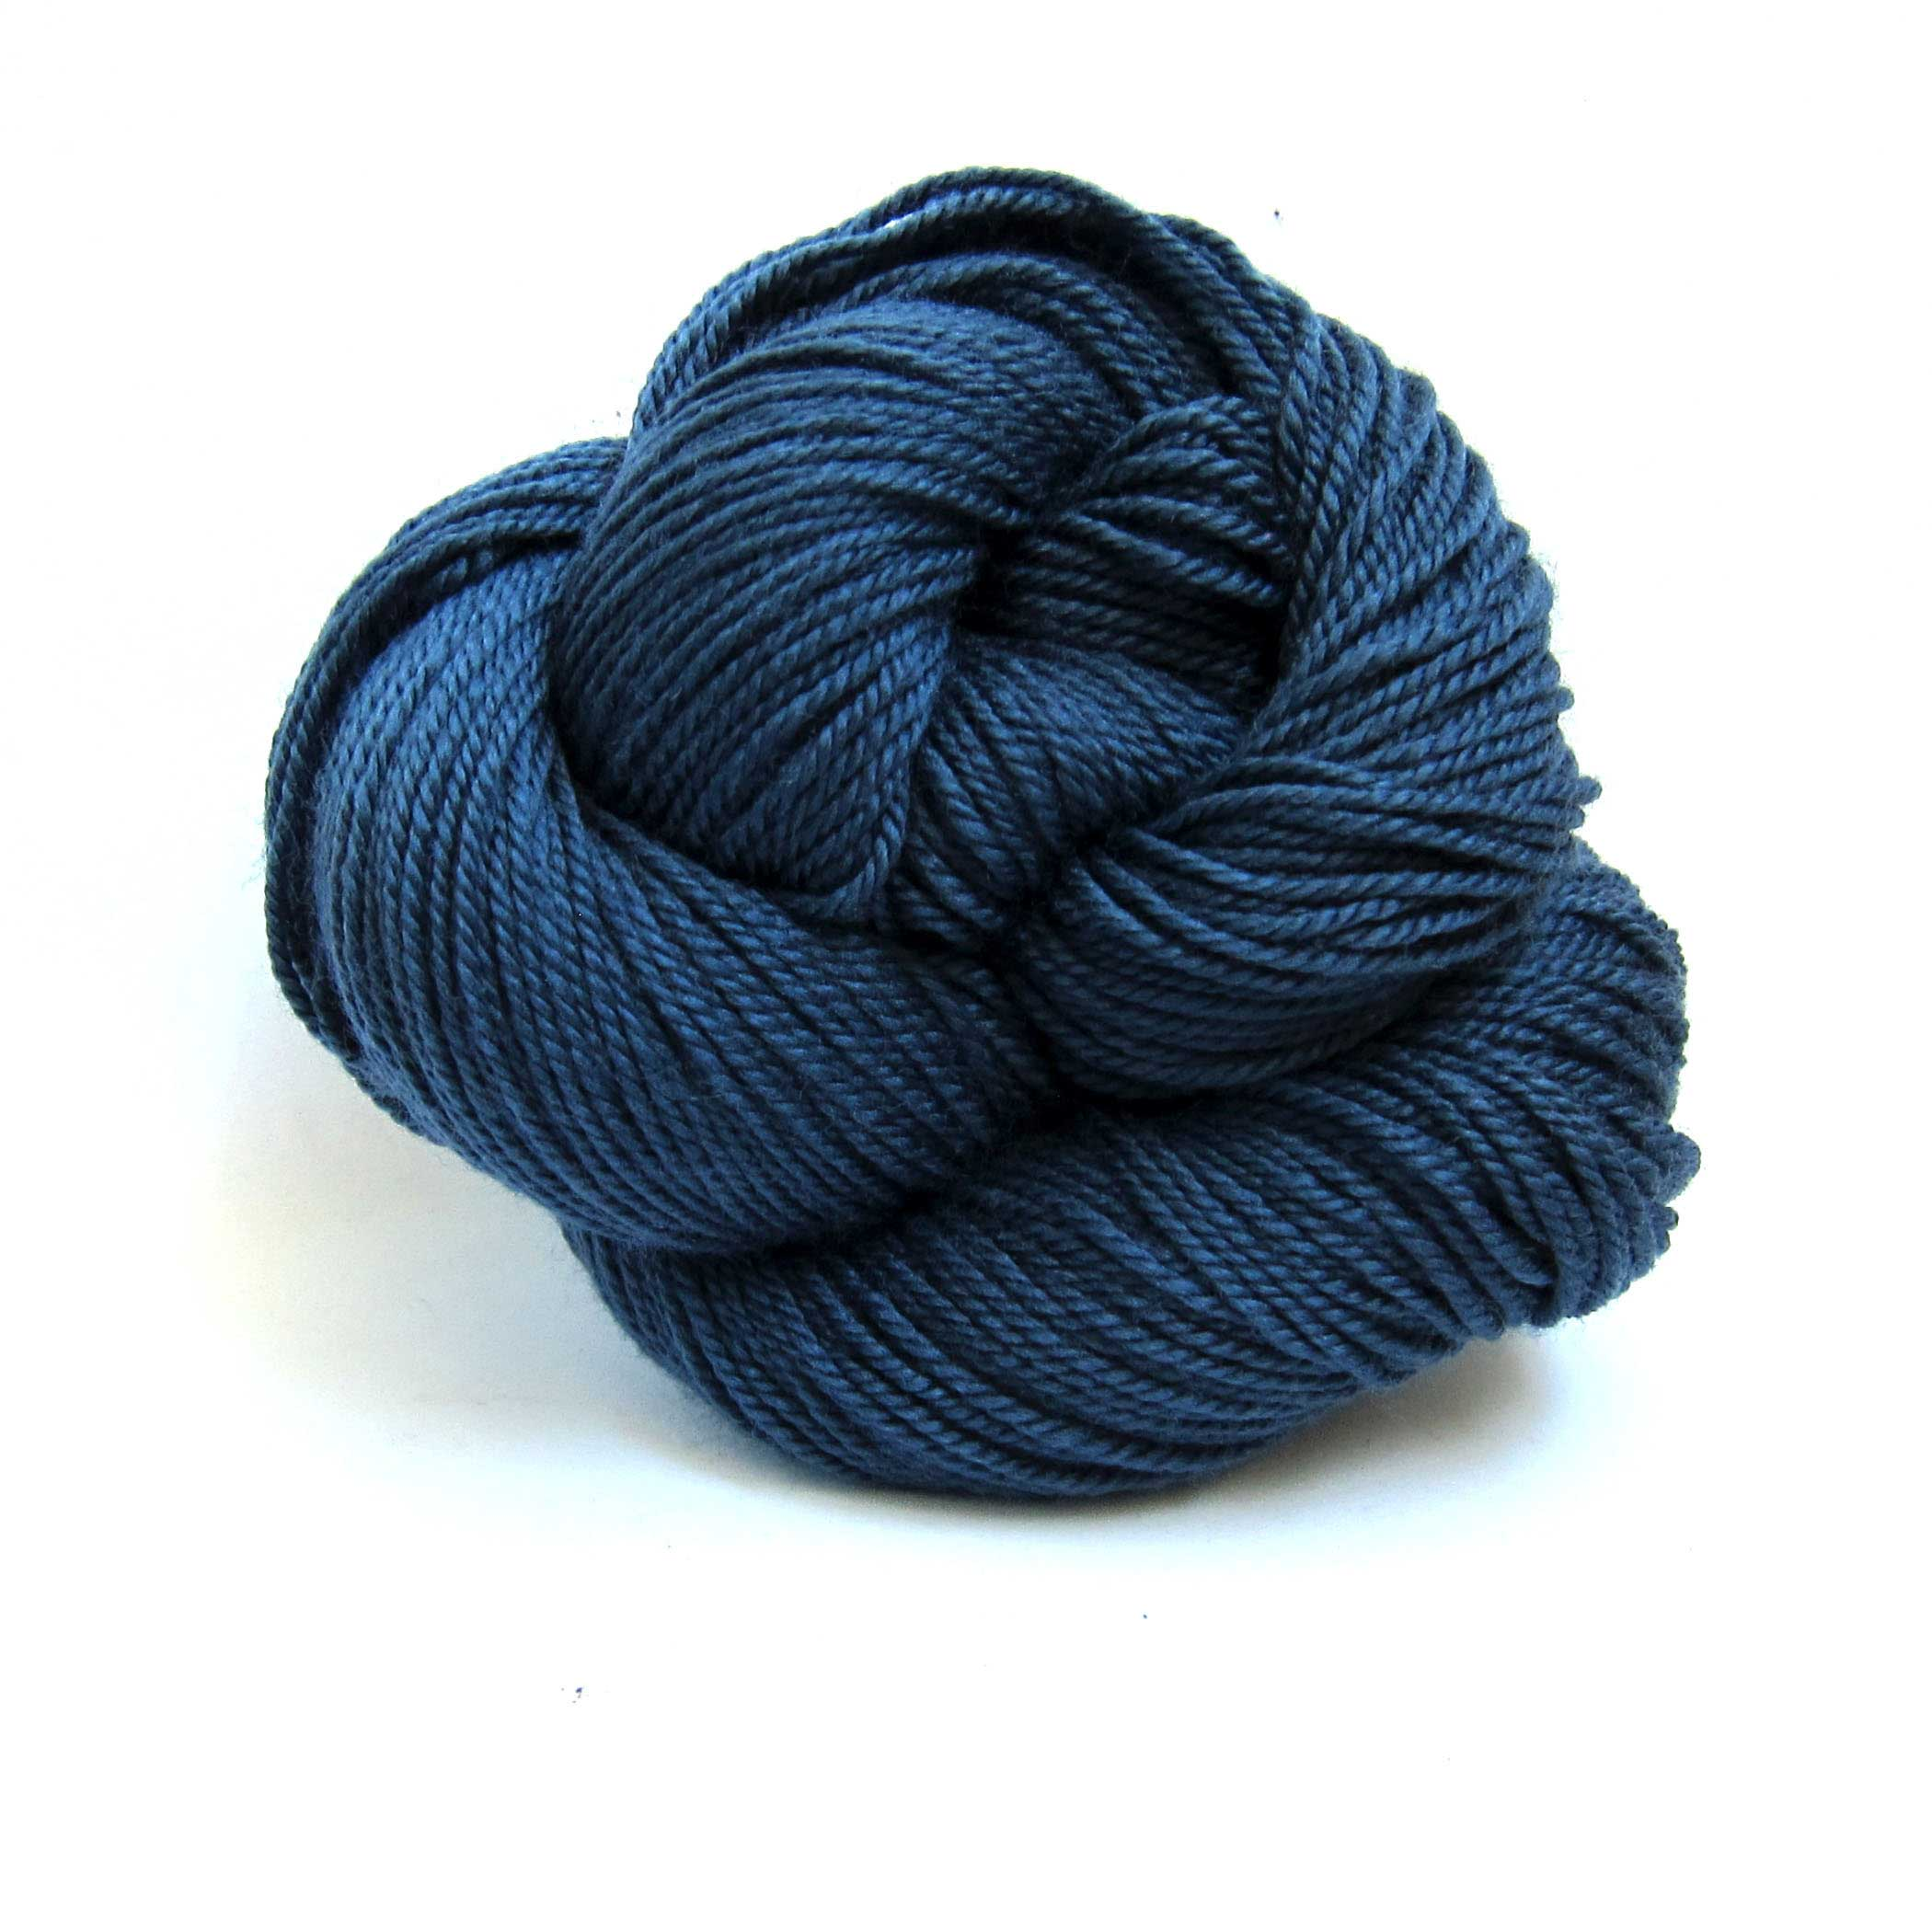 Marine Blue Louet Gems 100% Merino Superwash Yarn